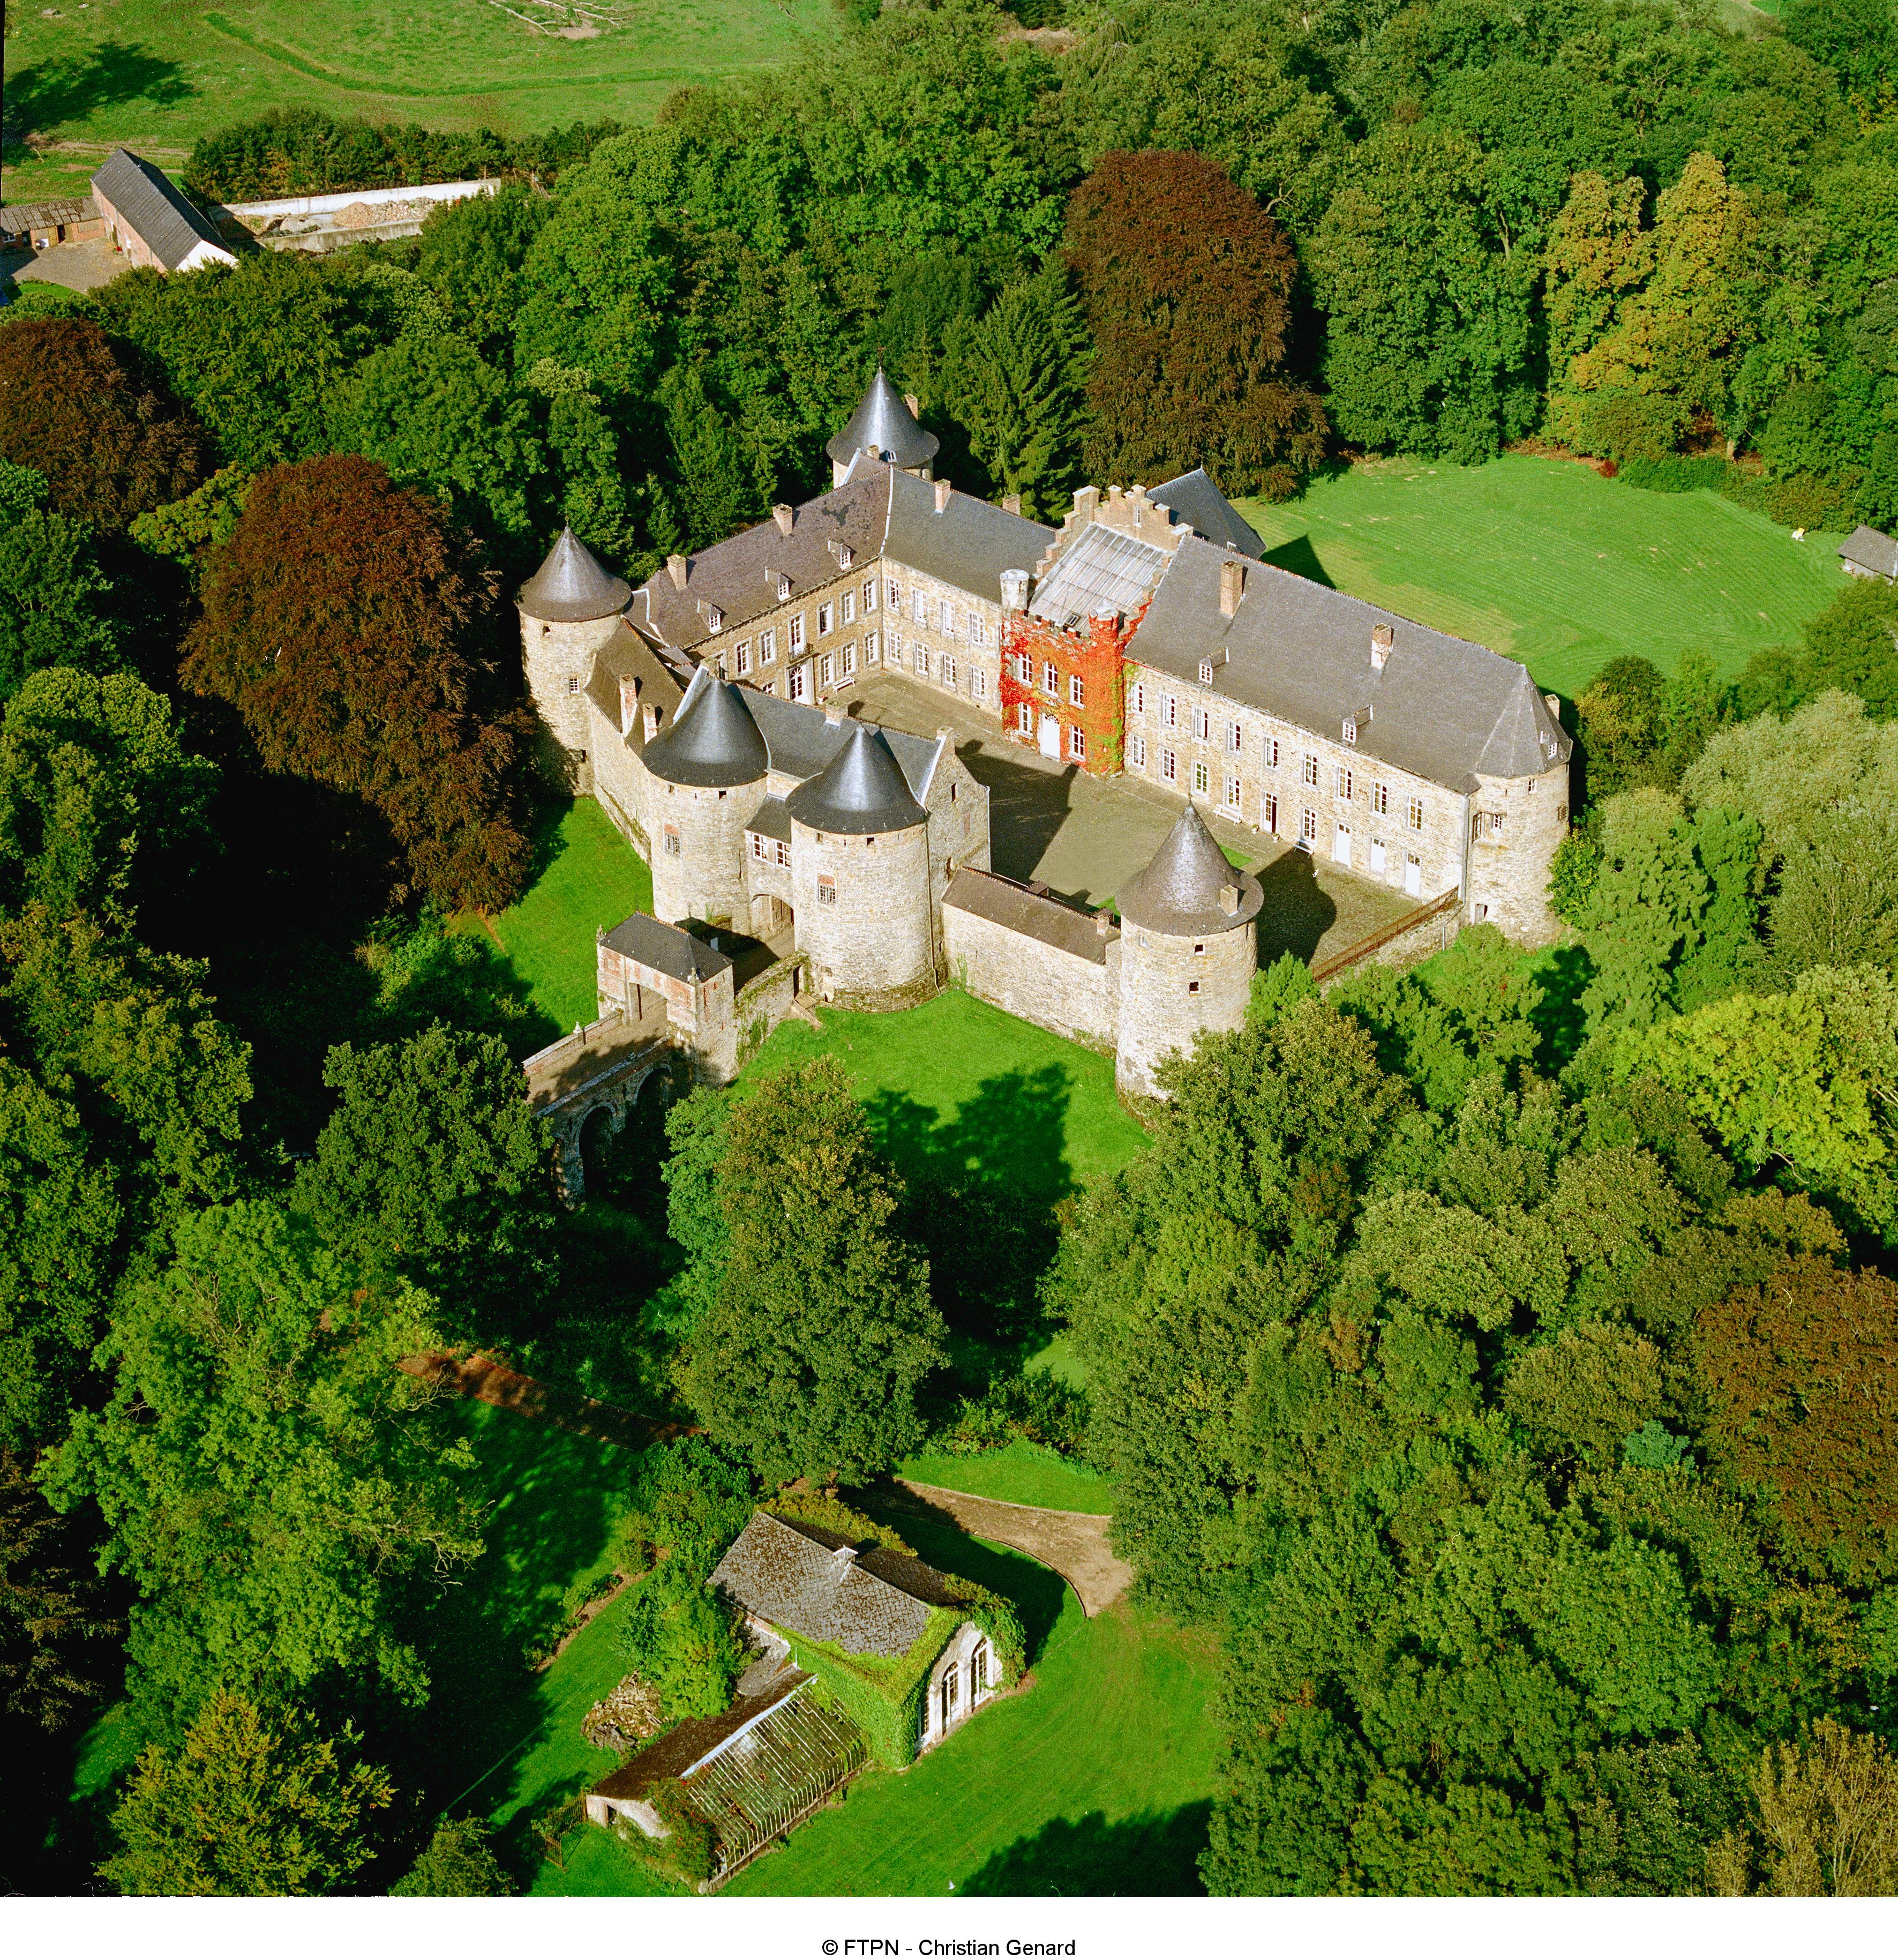 Corroy-le-chateau - Chateau féodal - Vue aérienne